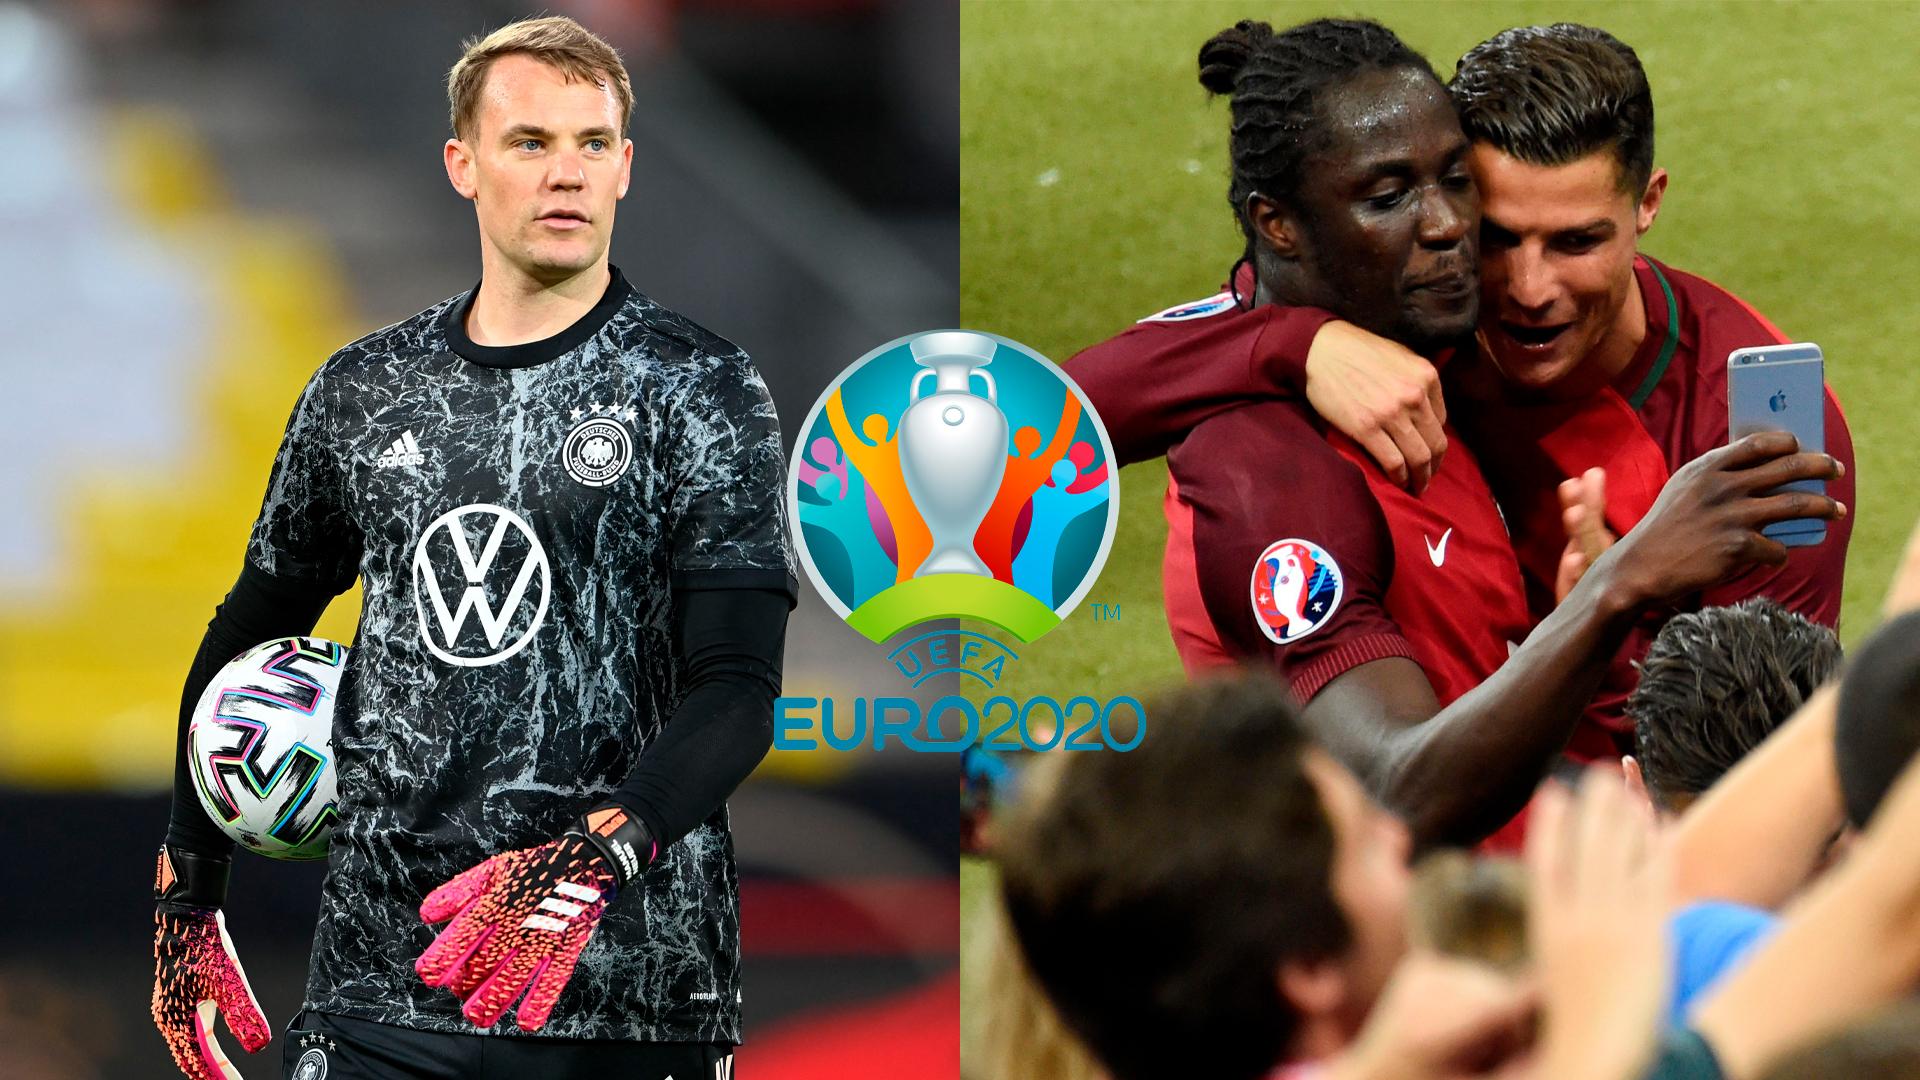 Em 2021 Live Im Tv Und Live Stream Sehen Die Ubertragung Aller Spiele Der Europameisterschaft Goal Com